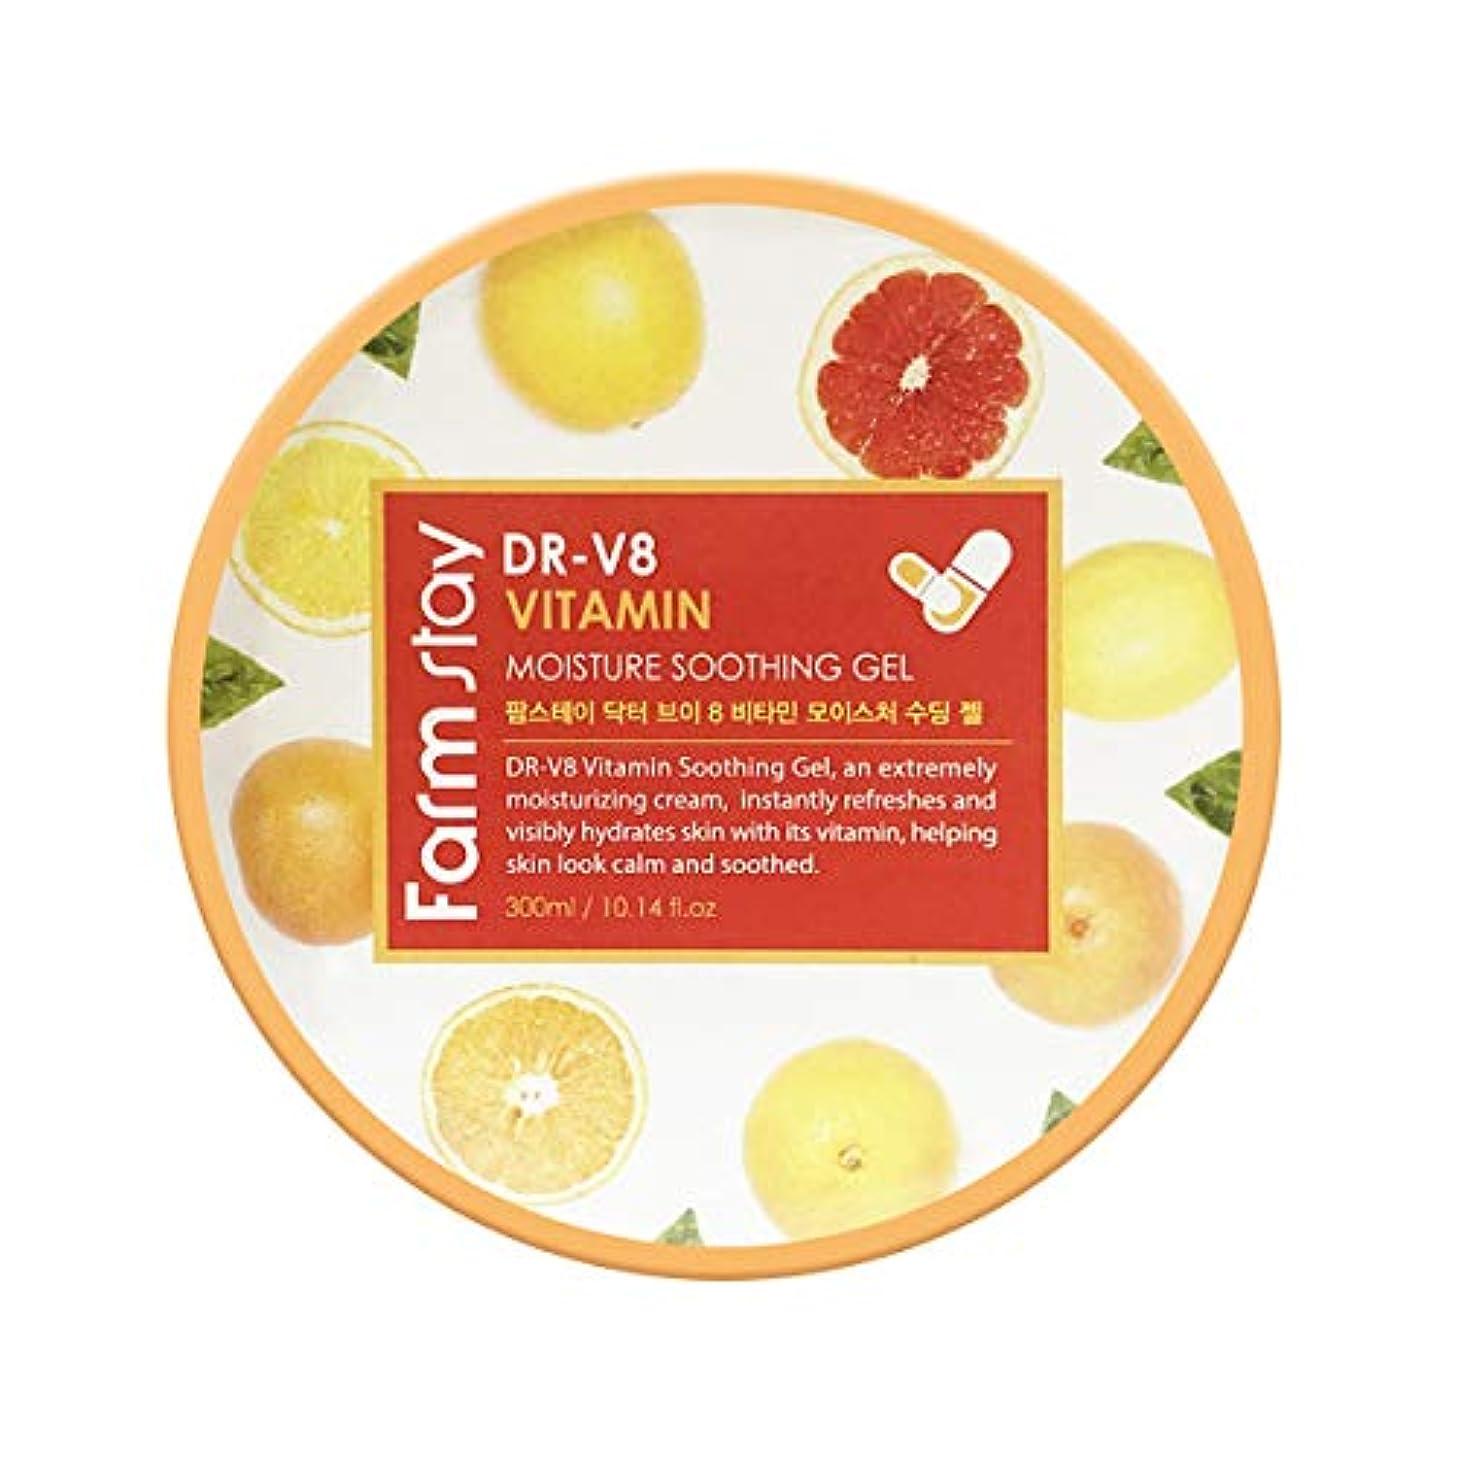 角度感嘆引く[Farmstay] ファームステイ DR-V8 Vitamin ビタミン Moisture Soothing Gel スディンジェル300ml